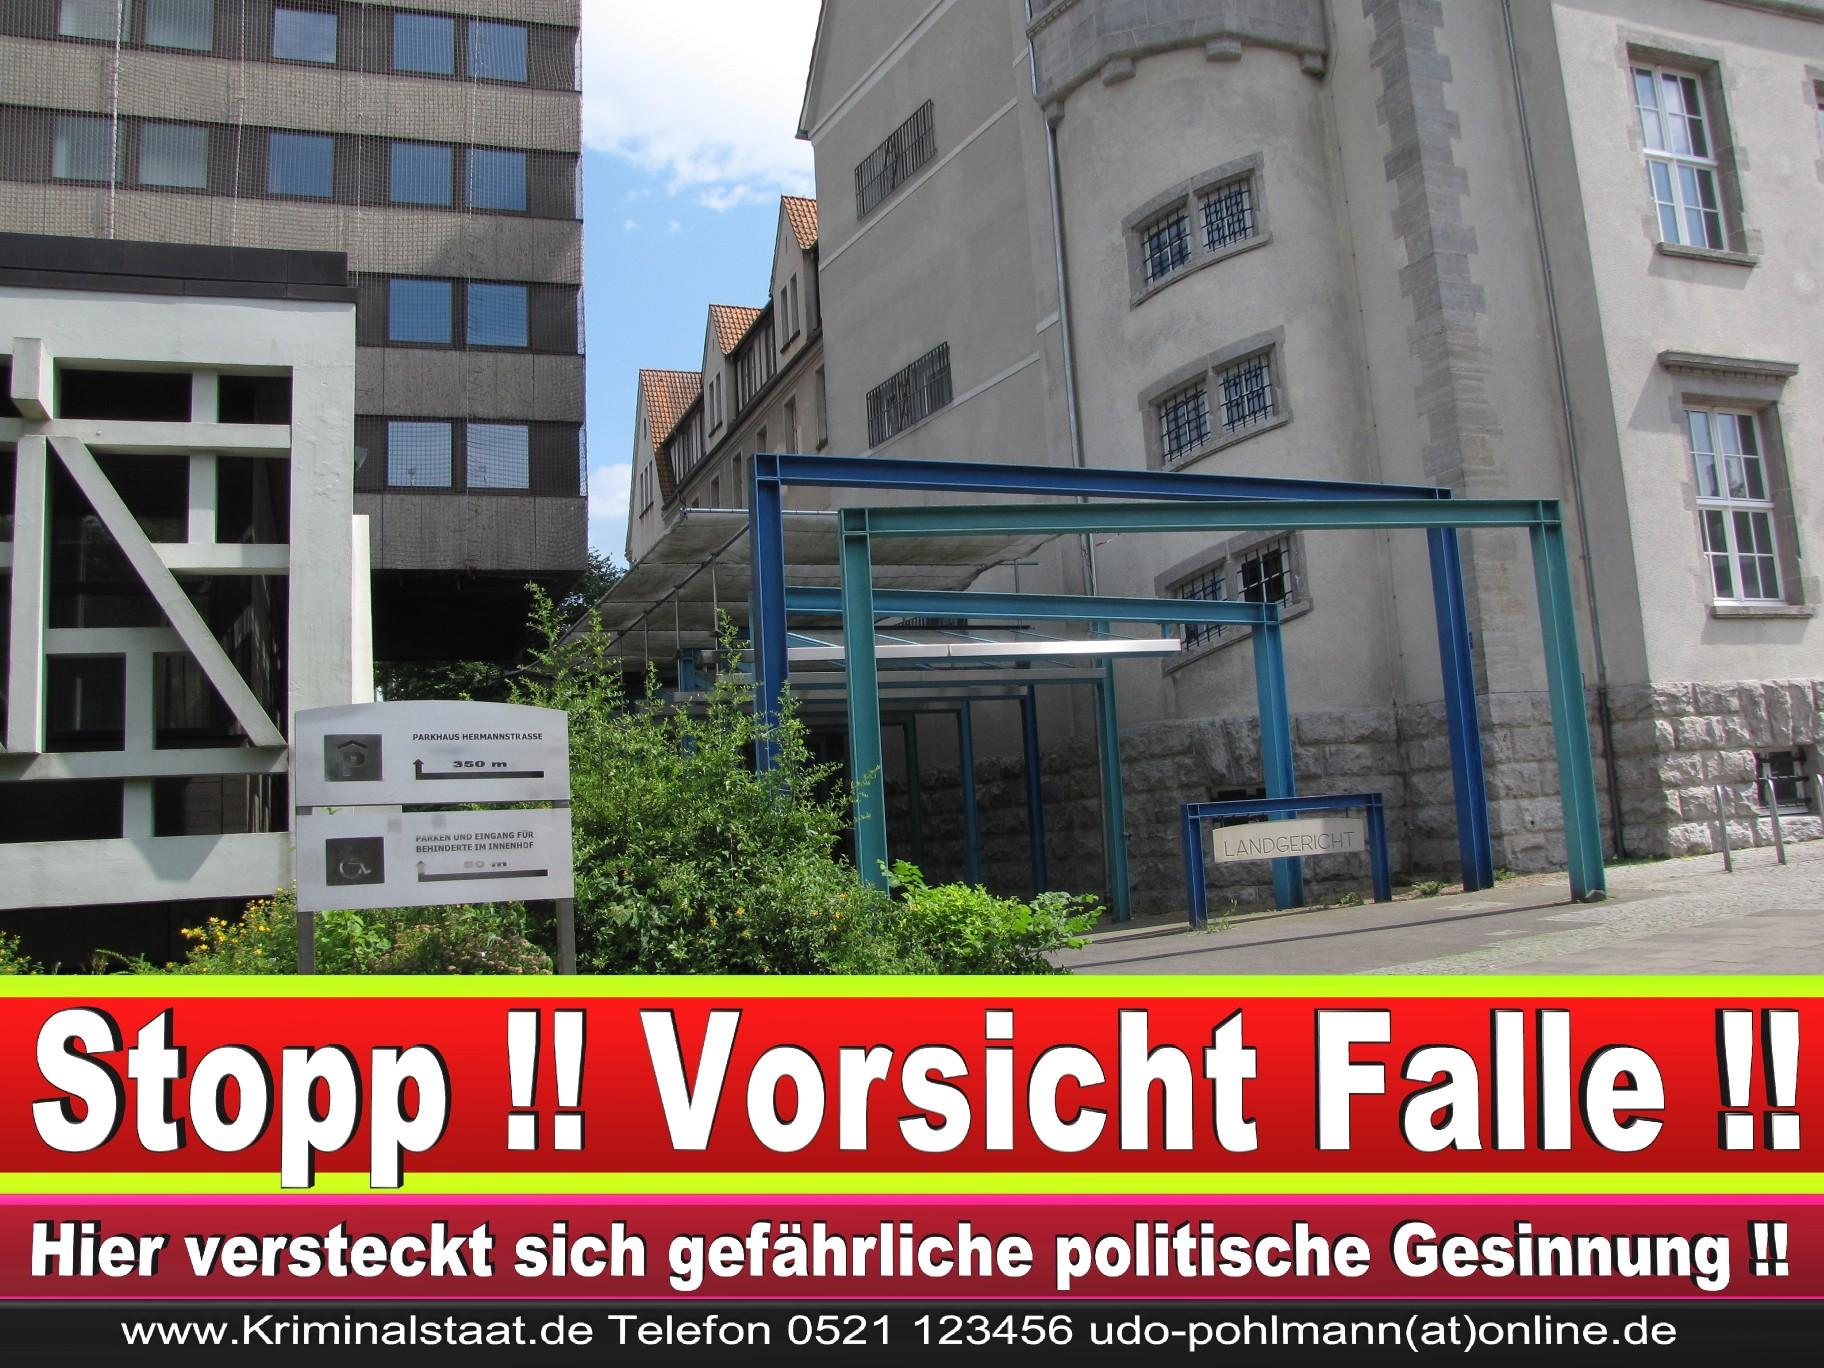 CDU Landgericht Bielefeld Landgerichtspräsident Klaus Petermann Hochstraße Bünde Jens Gnisa Richterbund Richtervereinigung 9